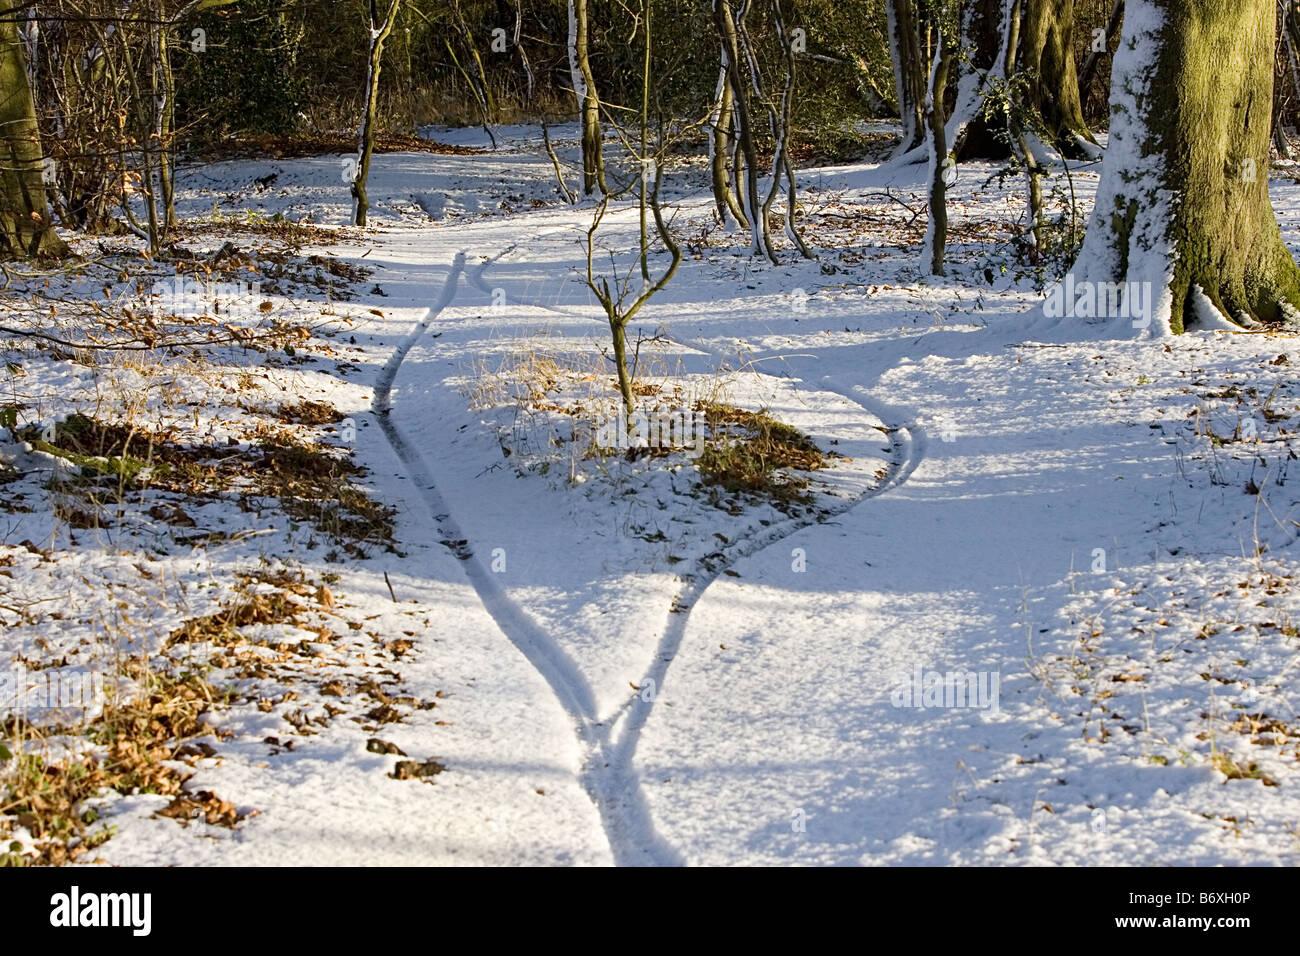 Bike tracks in snow 2 - Stock Image